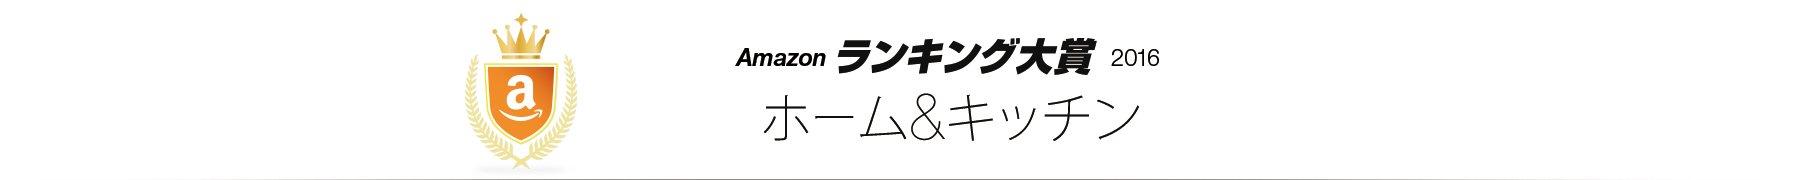 Amazonランキング大賞2016